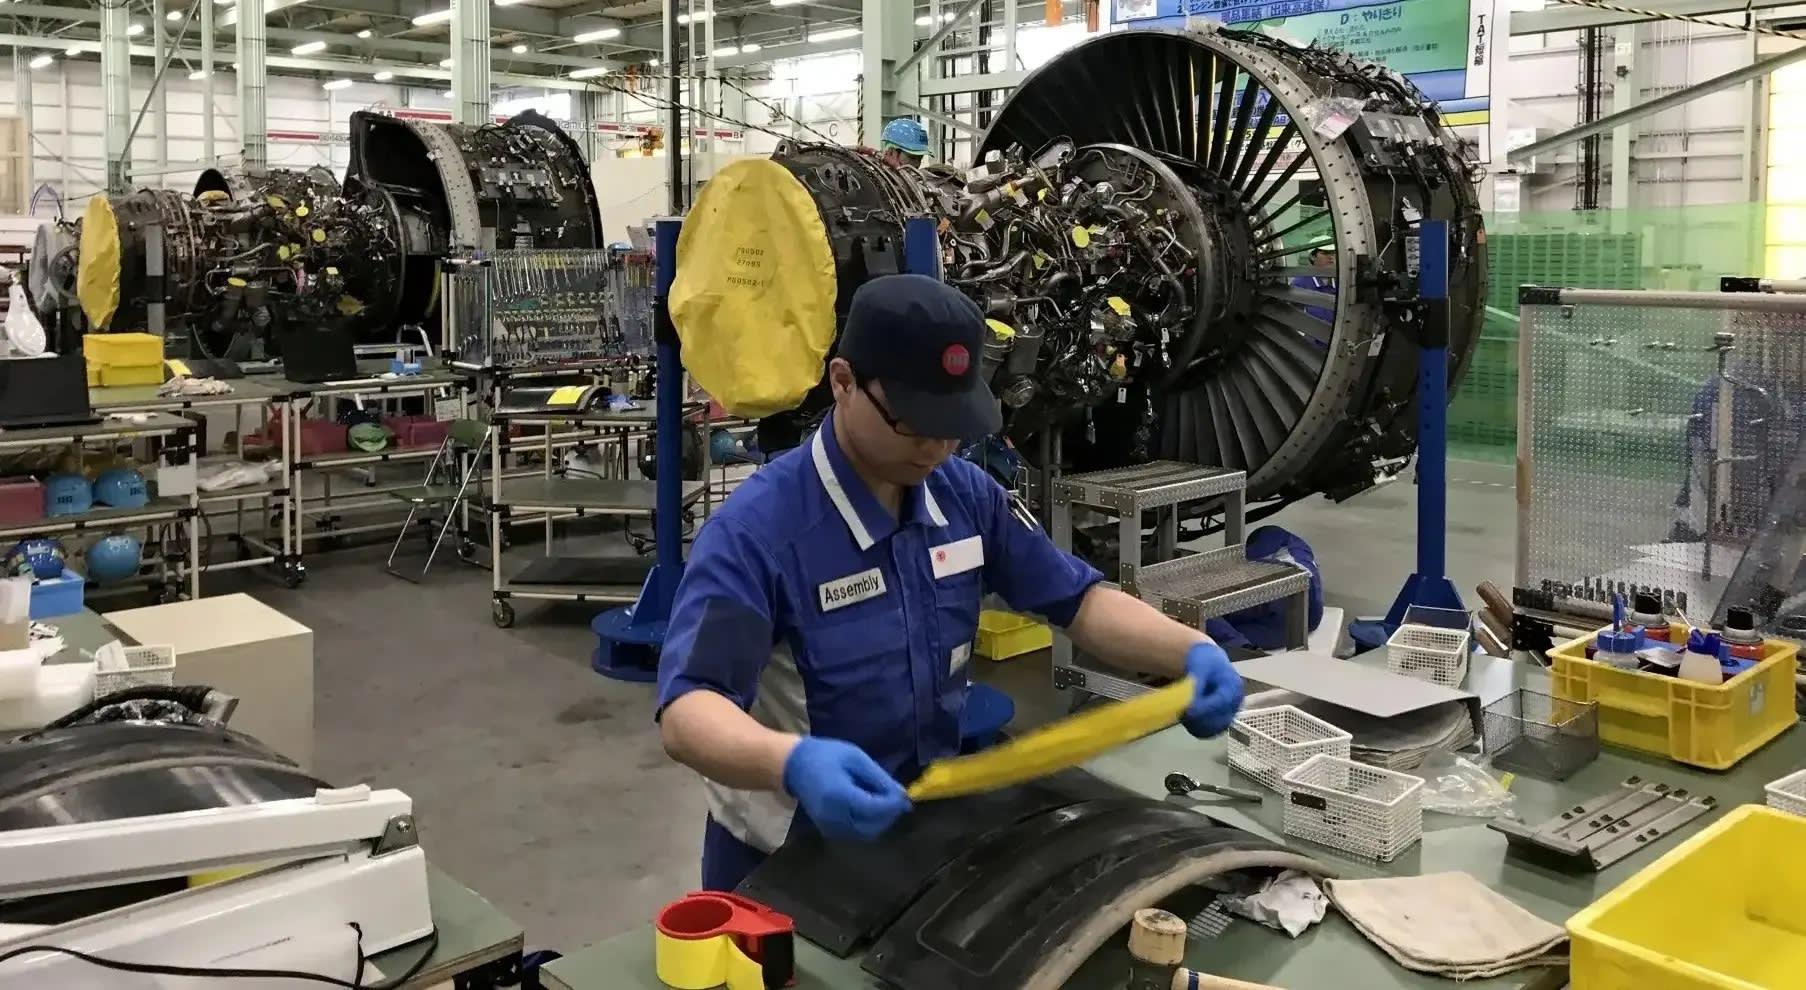 توقف ارائه خدمات توسط مرکز تعمیر و نگهداری موتورهای هوایی ژاپن